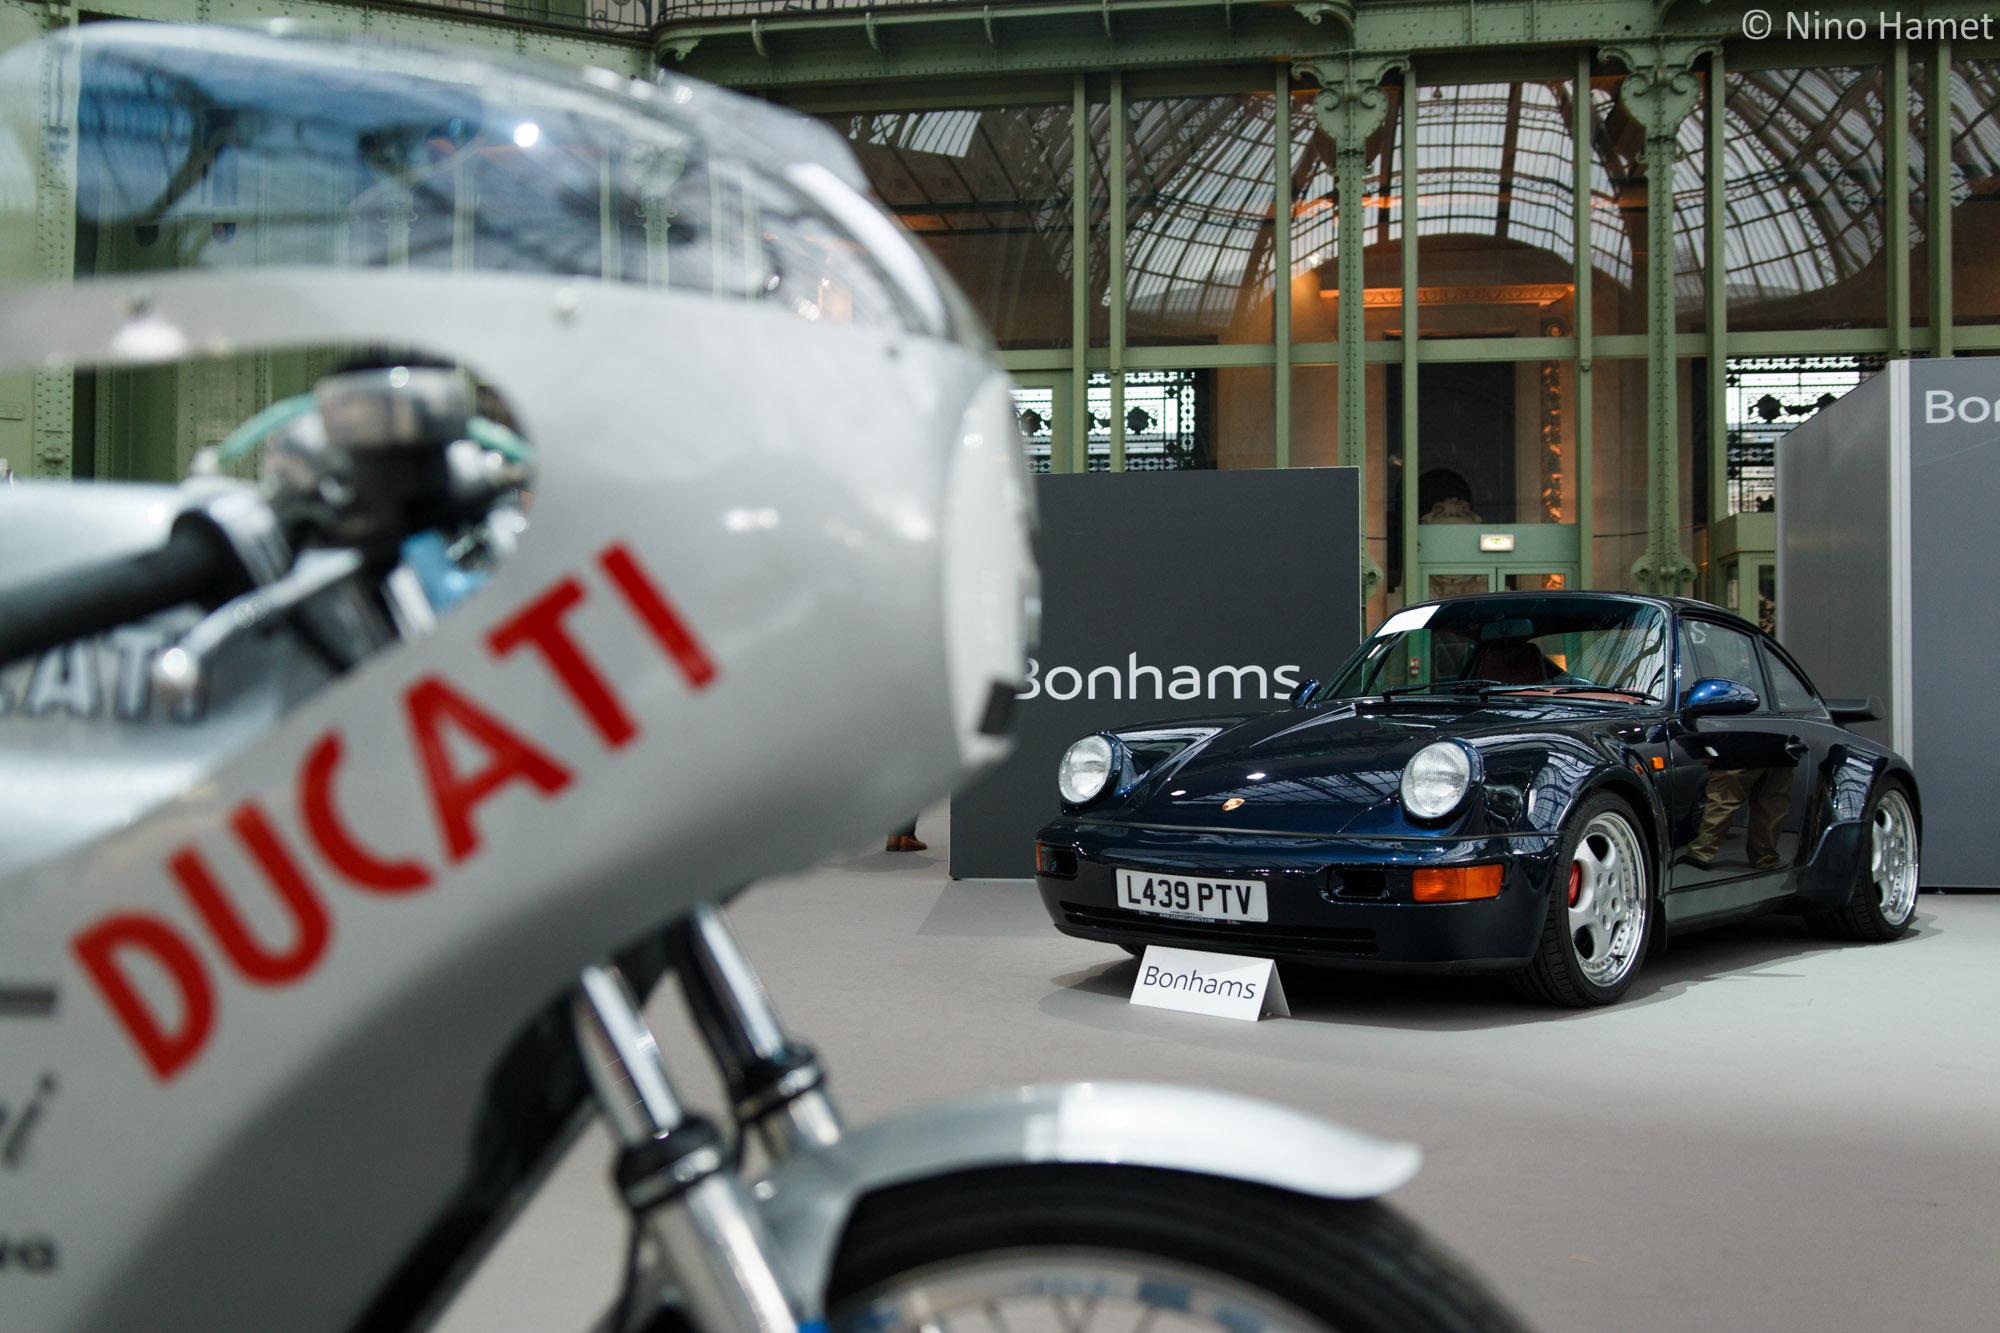 La vacation Bonhams mélange autos et motos avec brio !